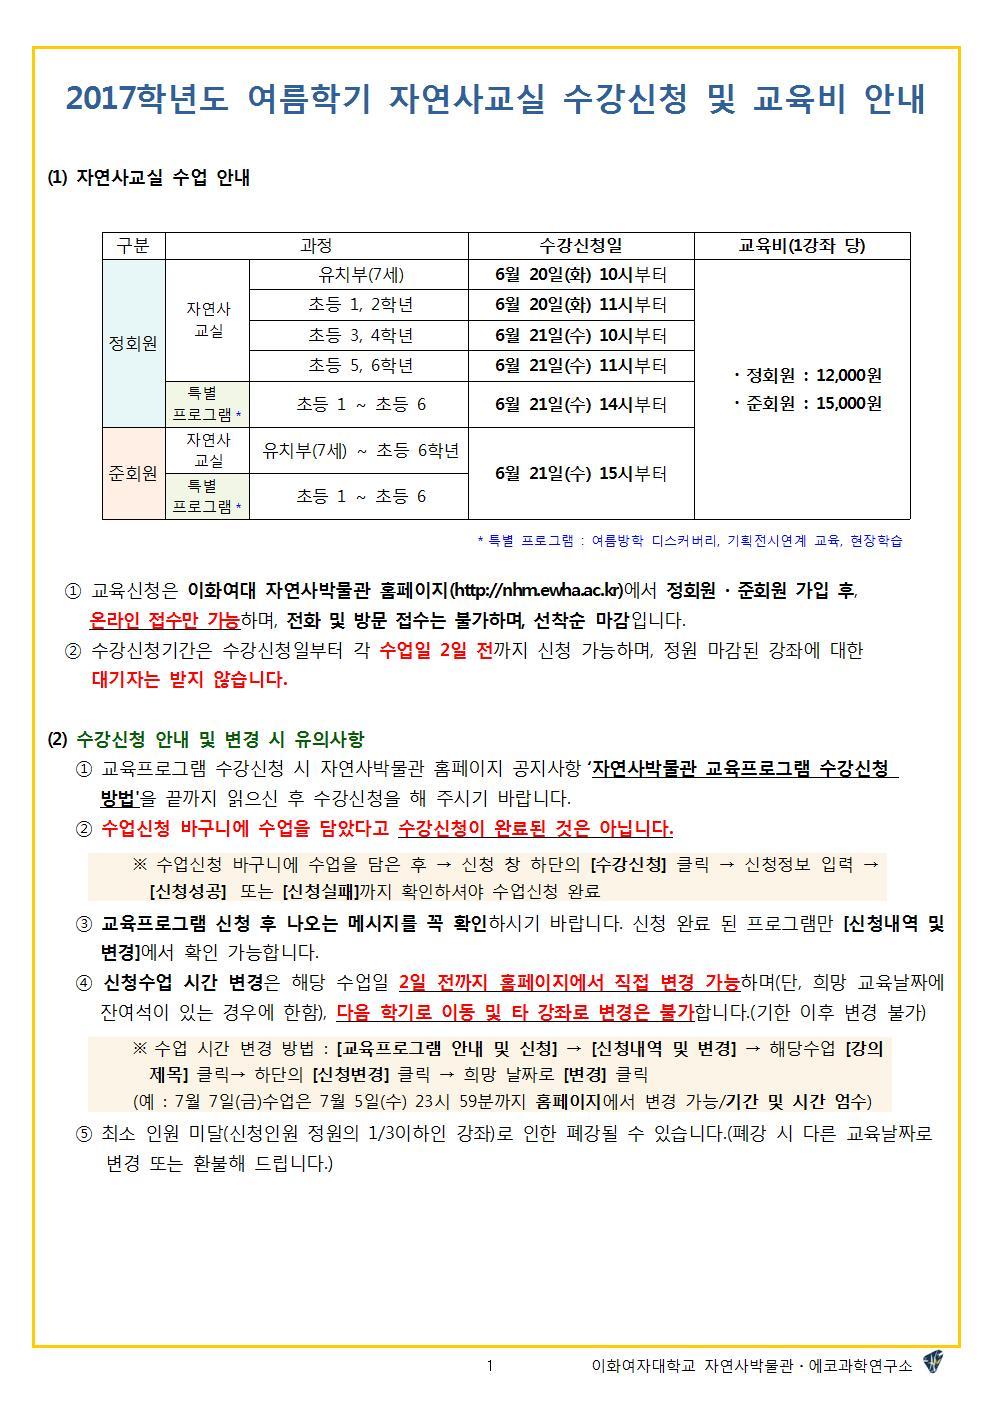 [2017여름] 자연사교실 시간표1